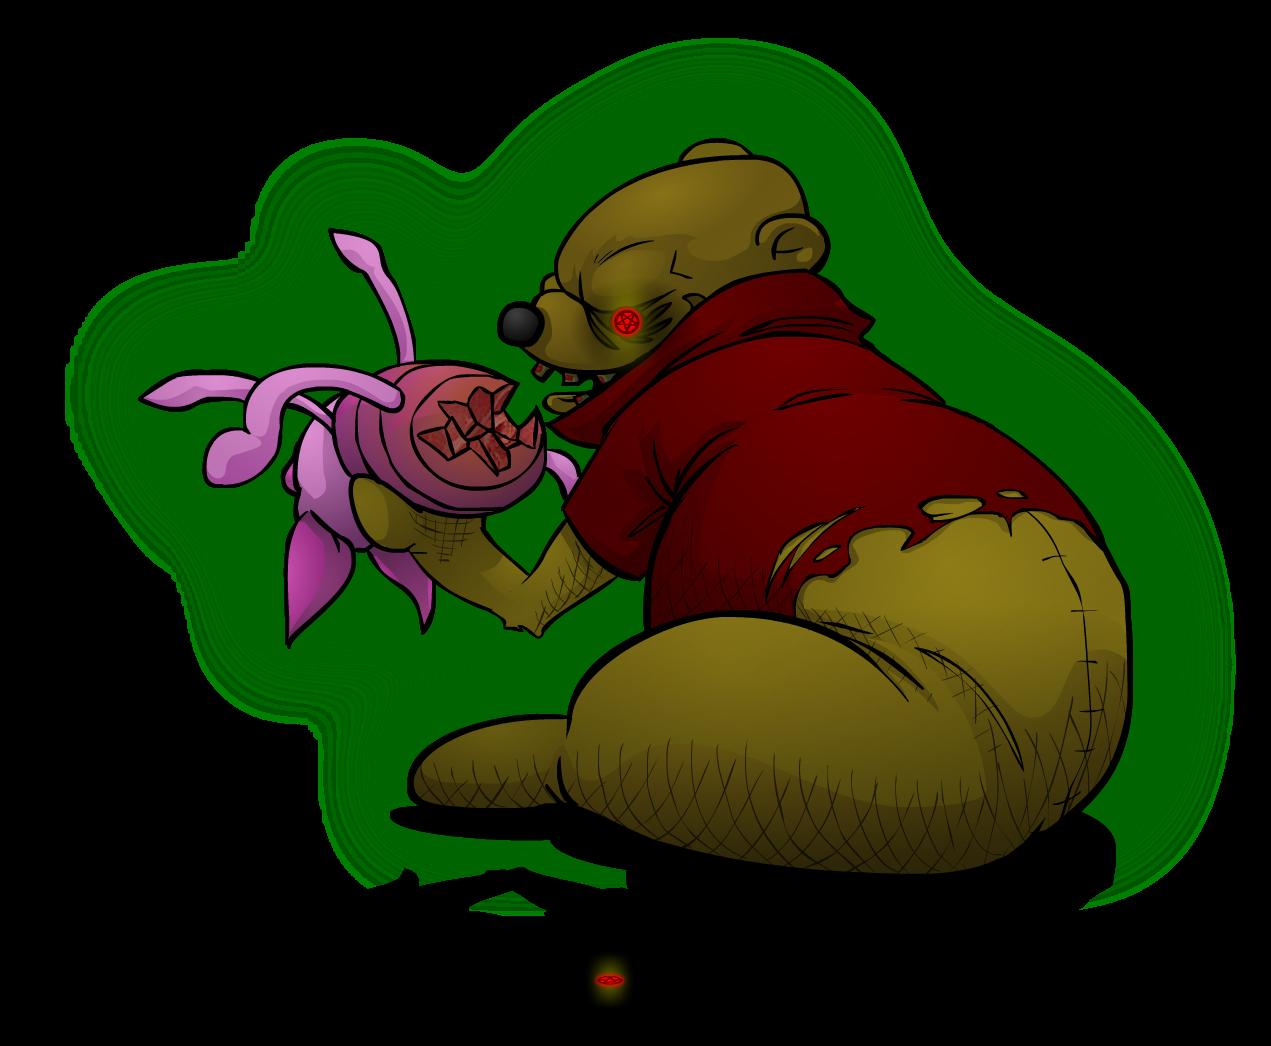 Demon pooh